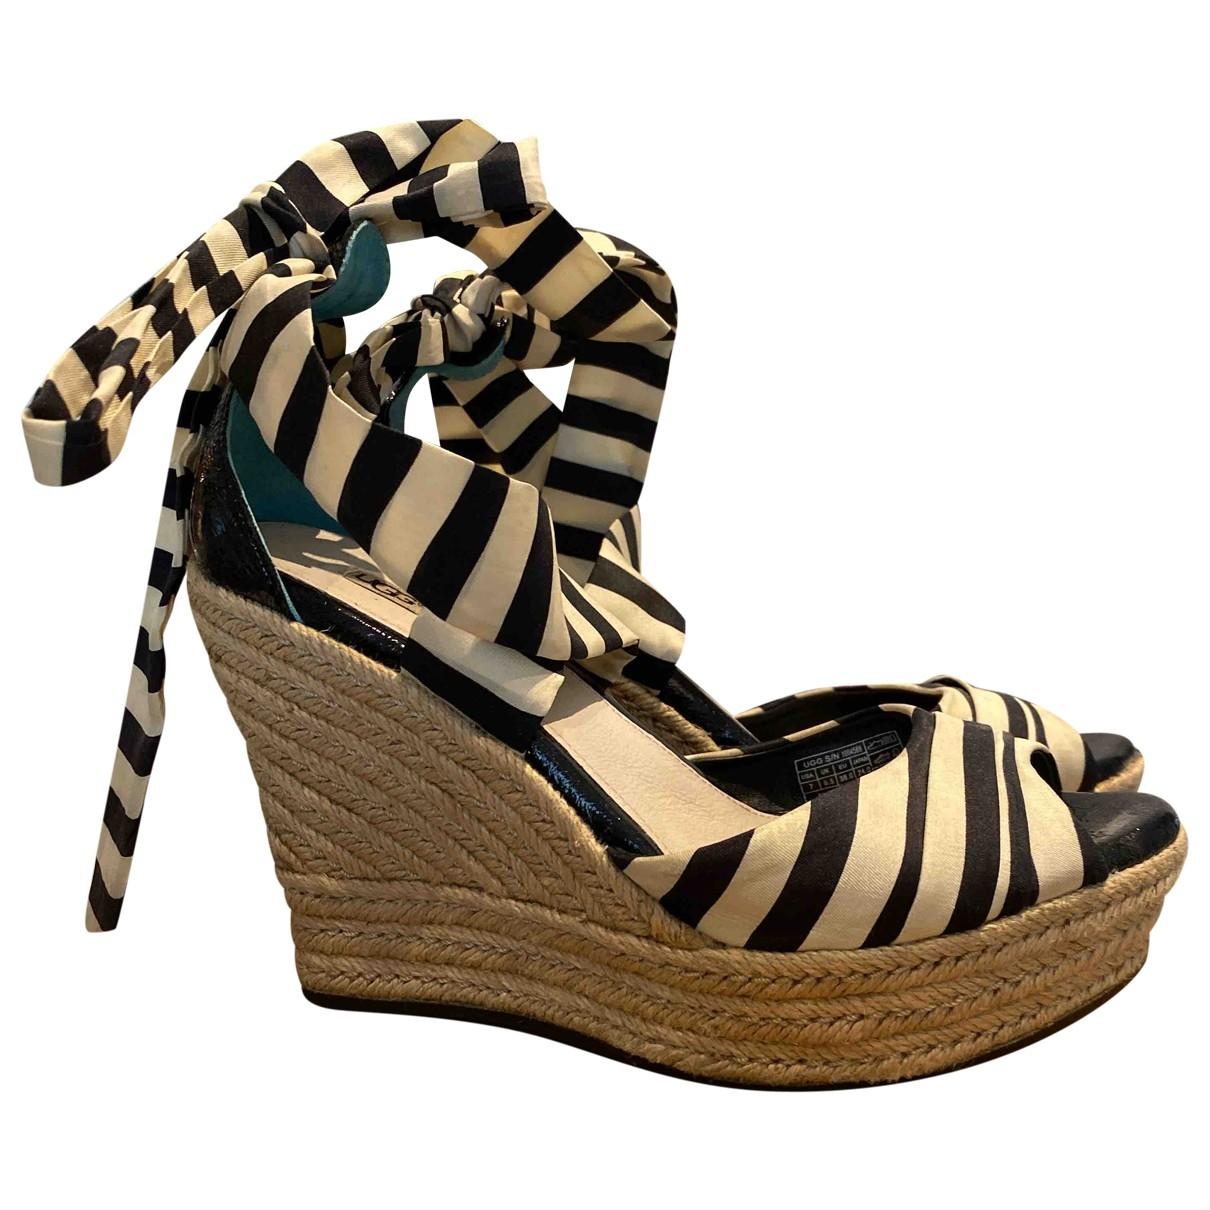 Sandalias de Lona Ugg